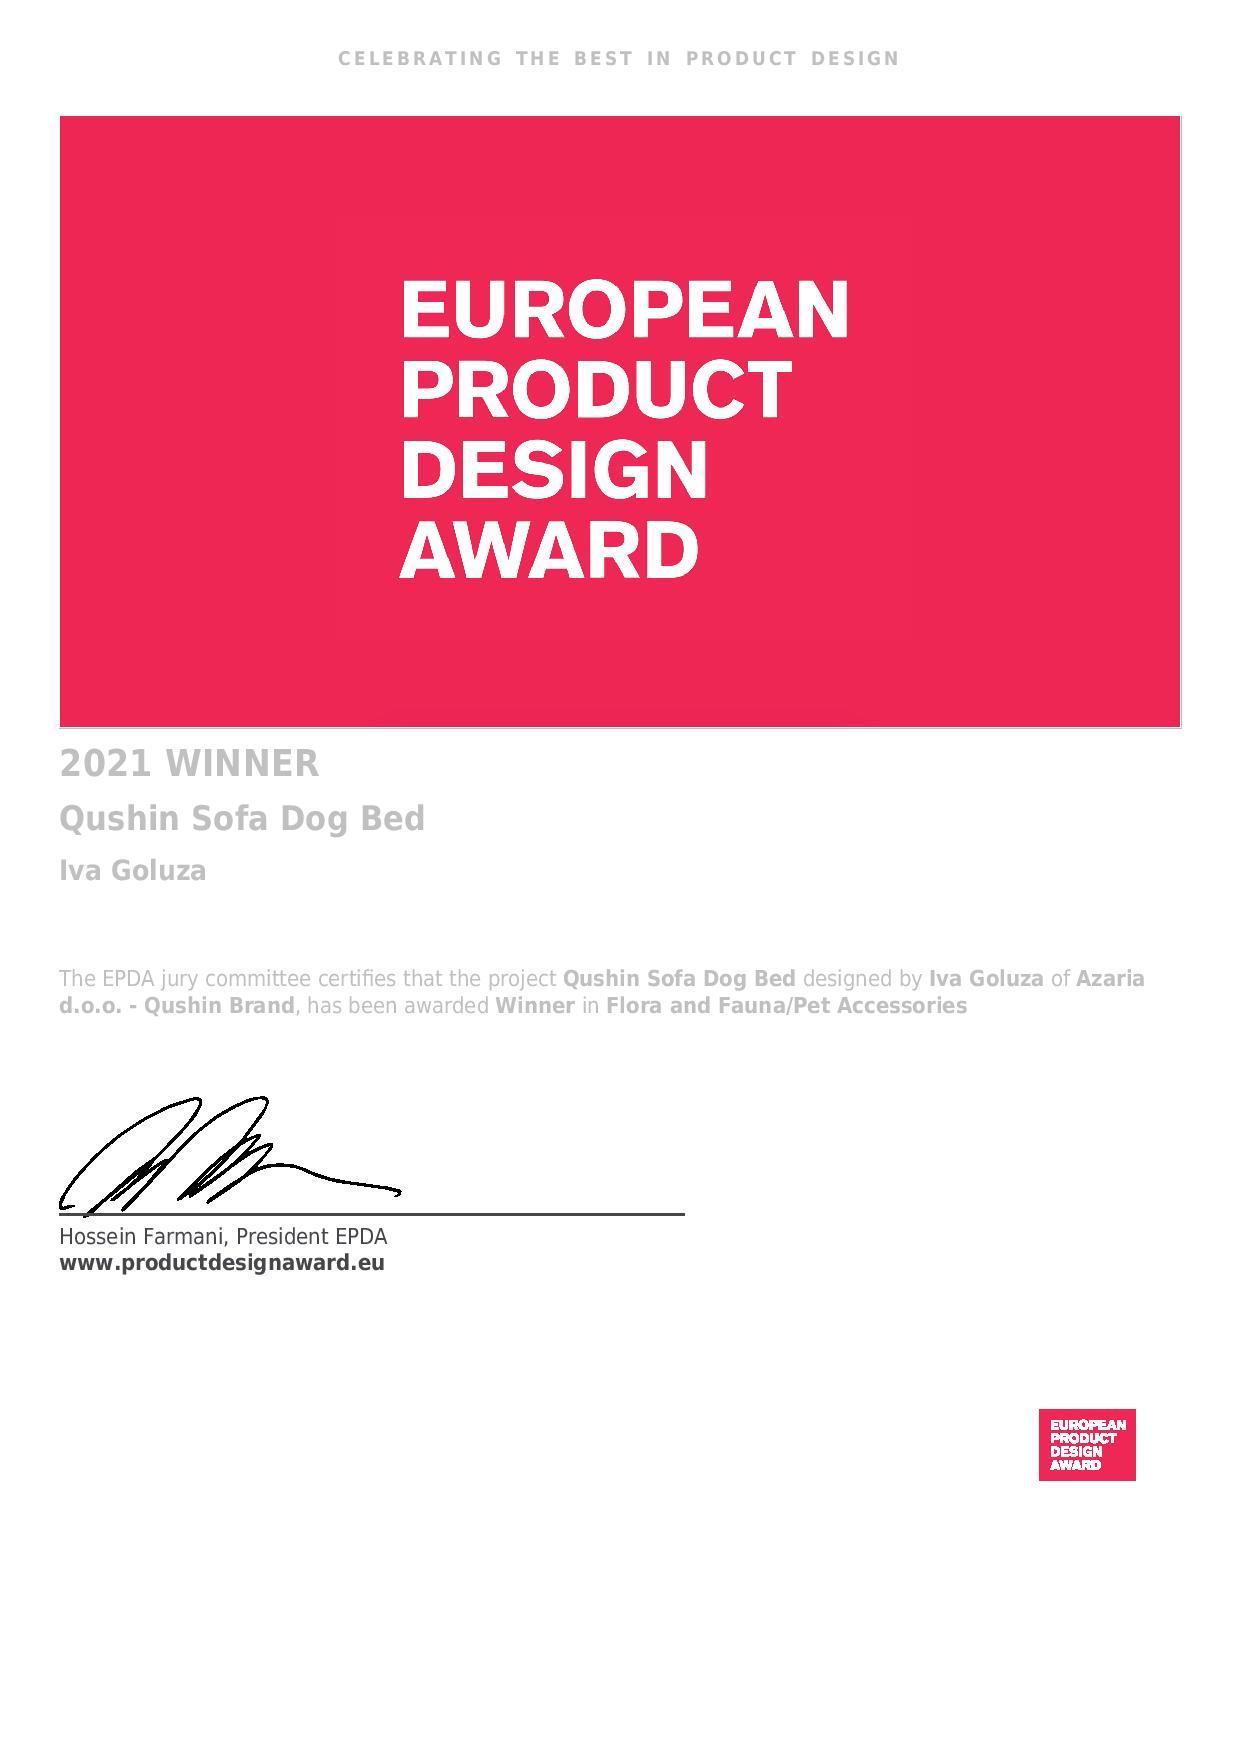 Hrvatski brend Qushin dobitnik je prestižne nagrade European product design award 2021.